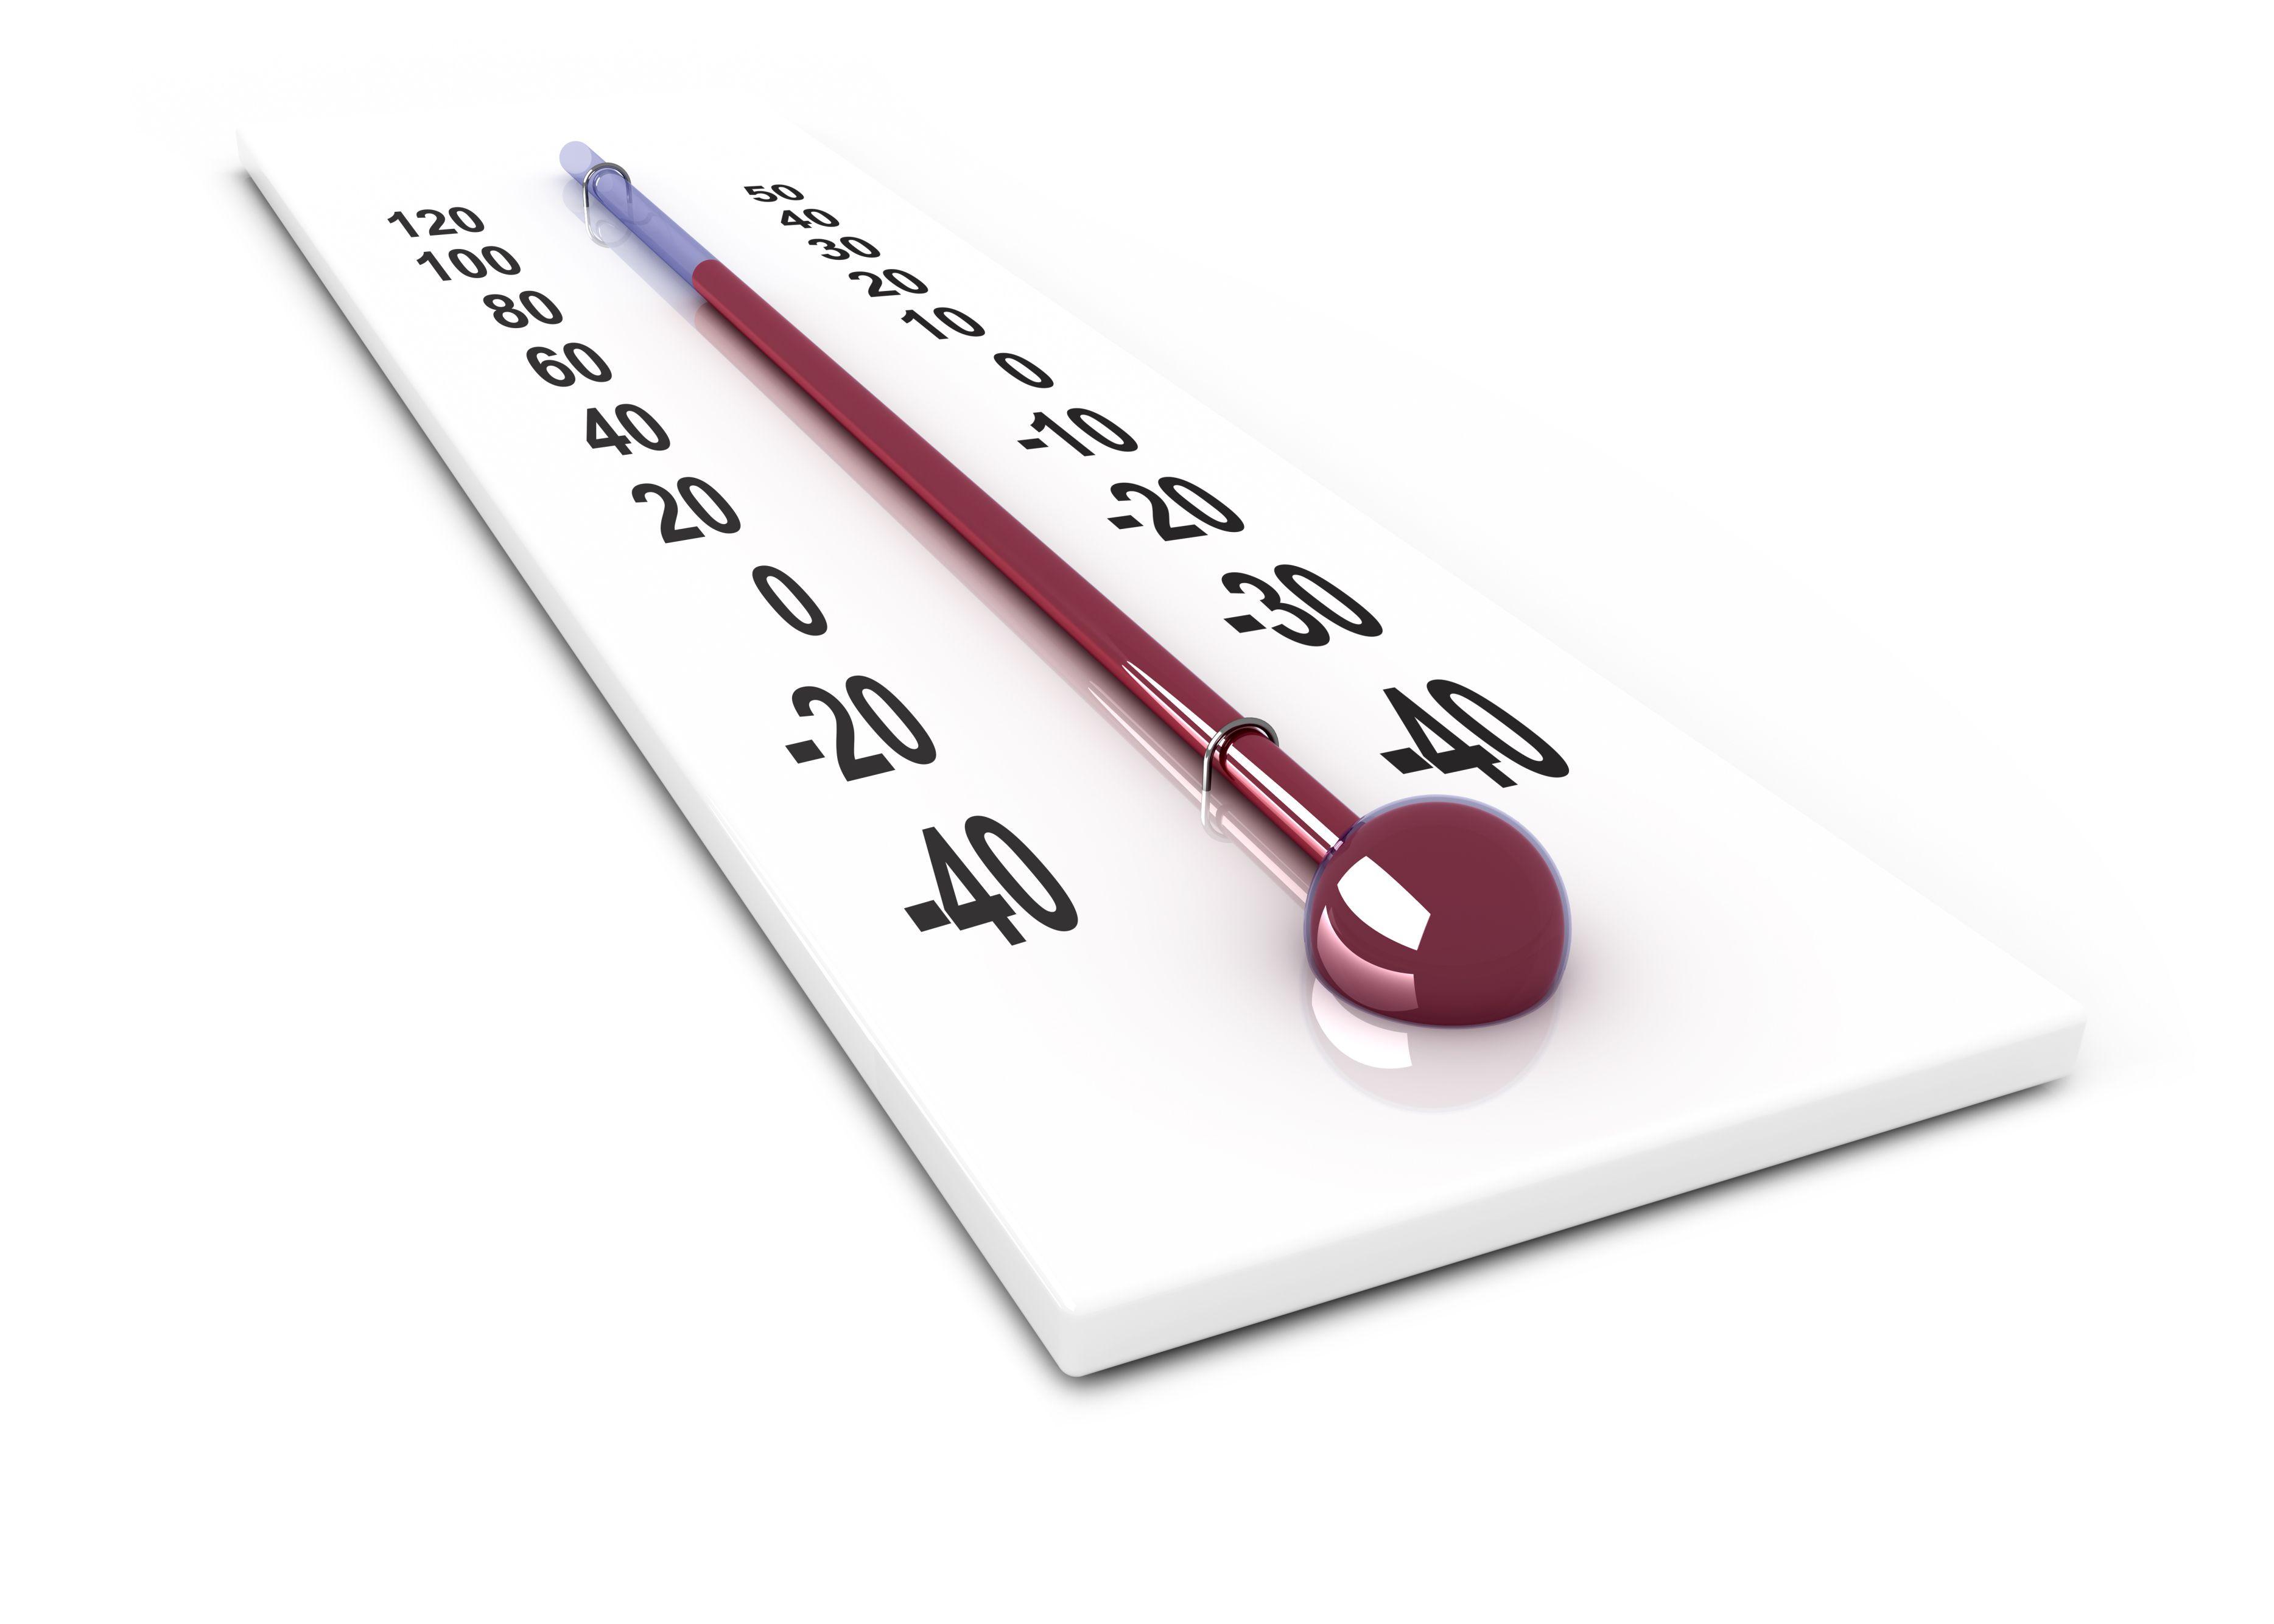 Kelvin Celsius Fahrenheit